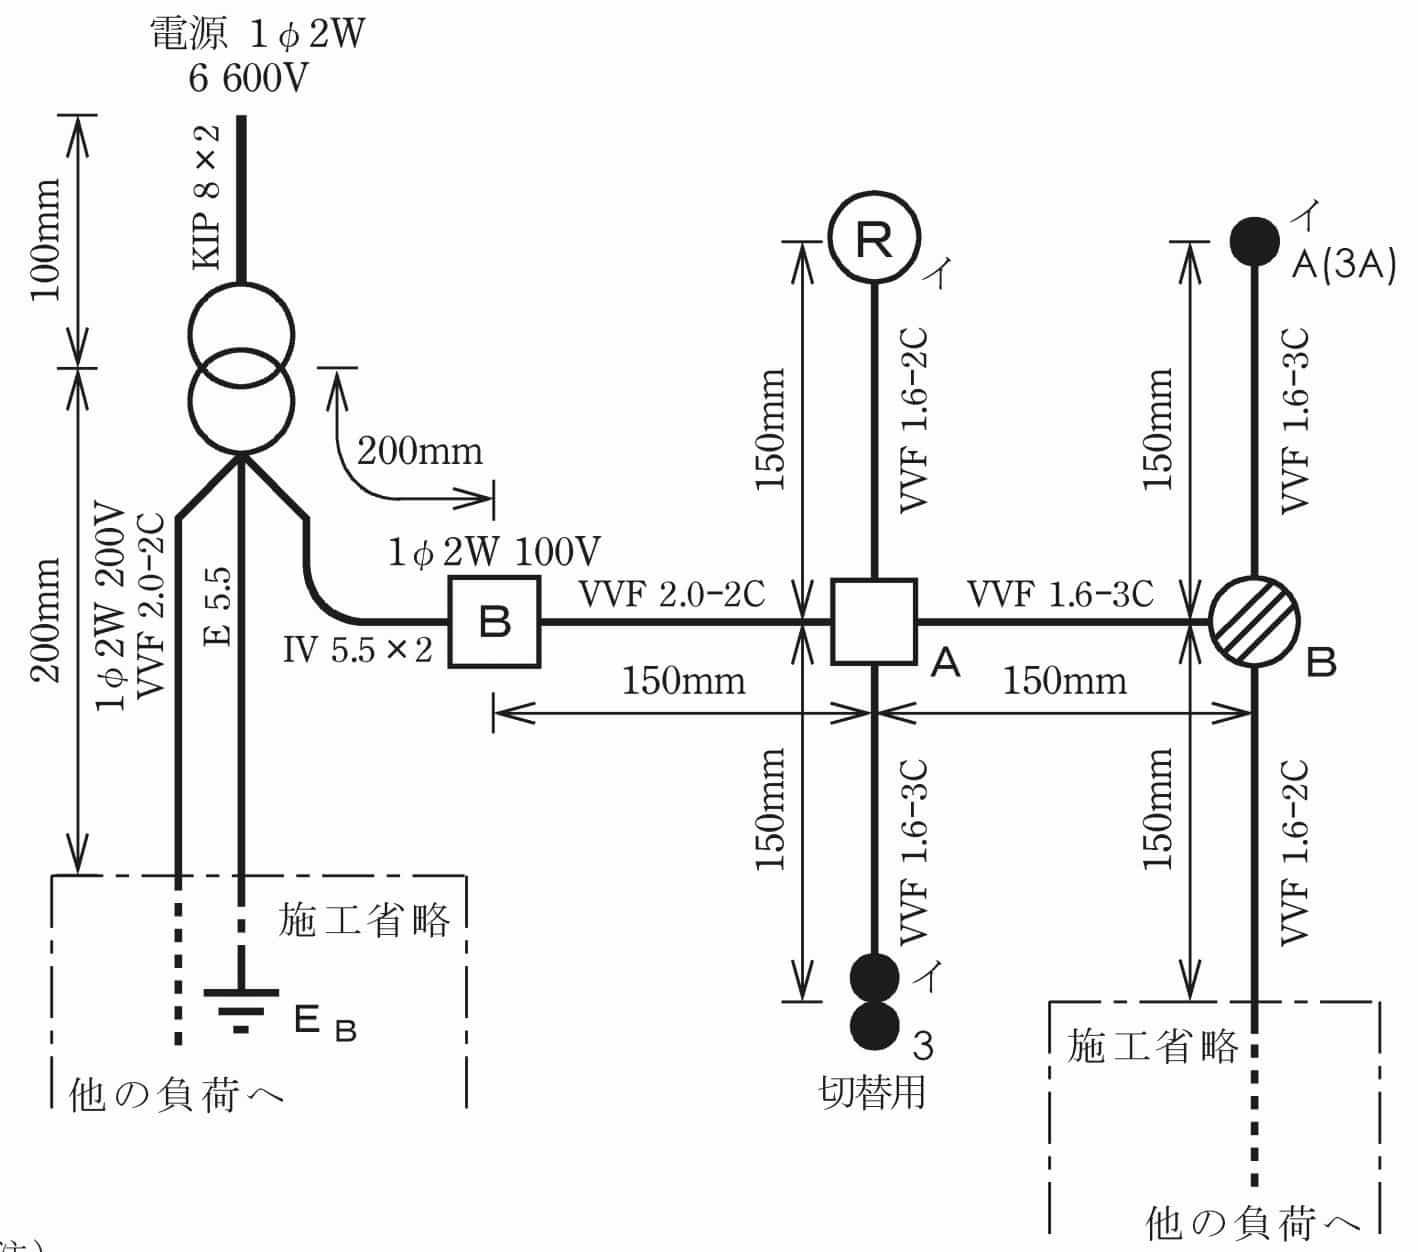 第一種電気工事士の技能試験の試験問題No.2の試験問題